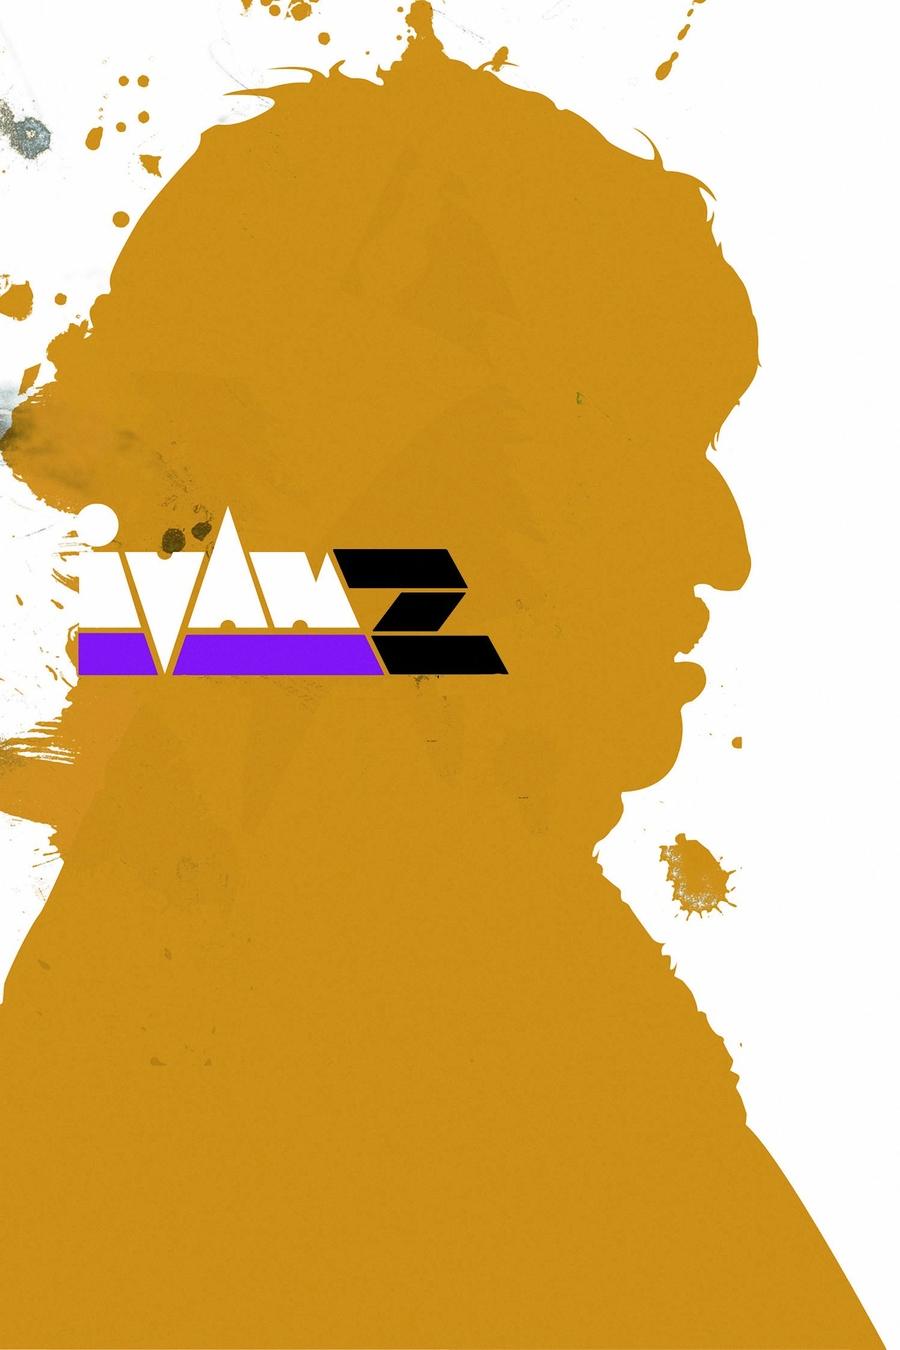 Iván Z